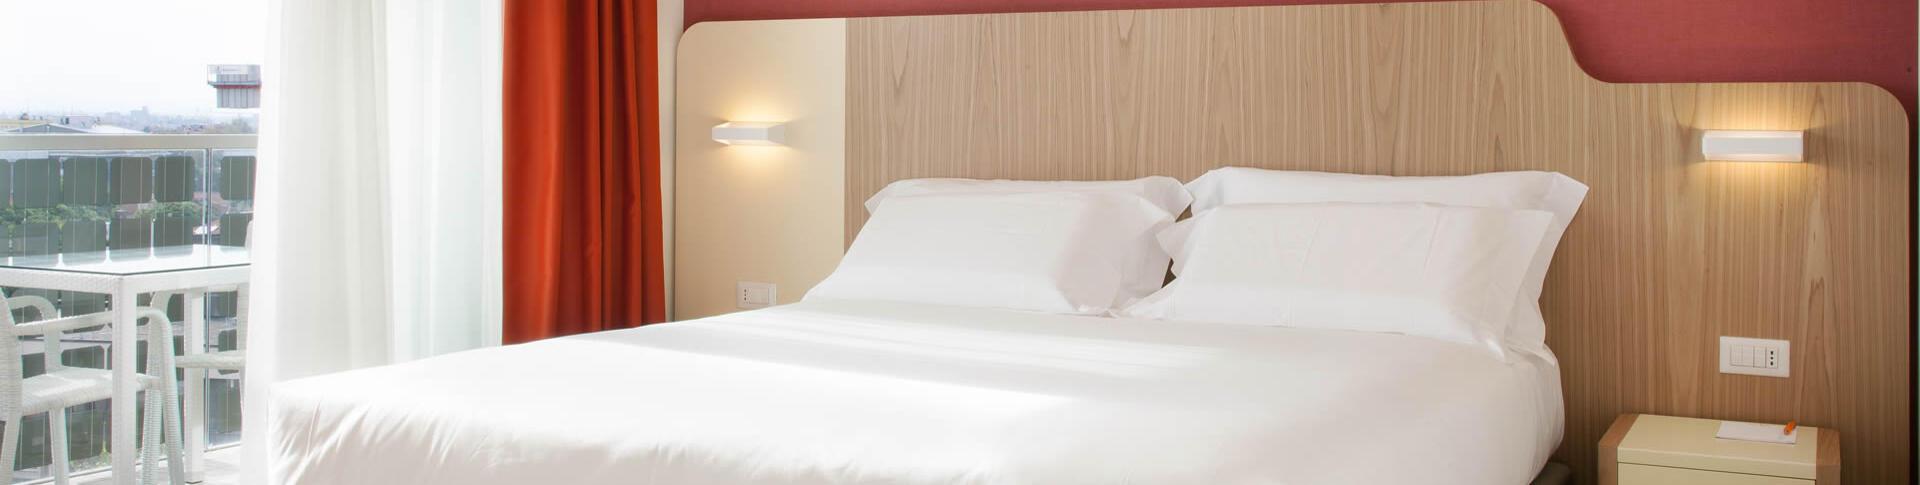 ariahotel en room-quality 015